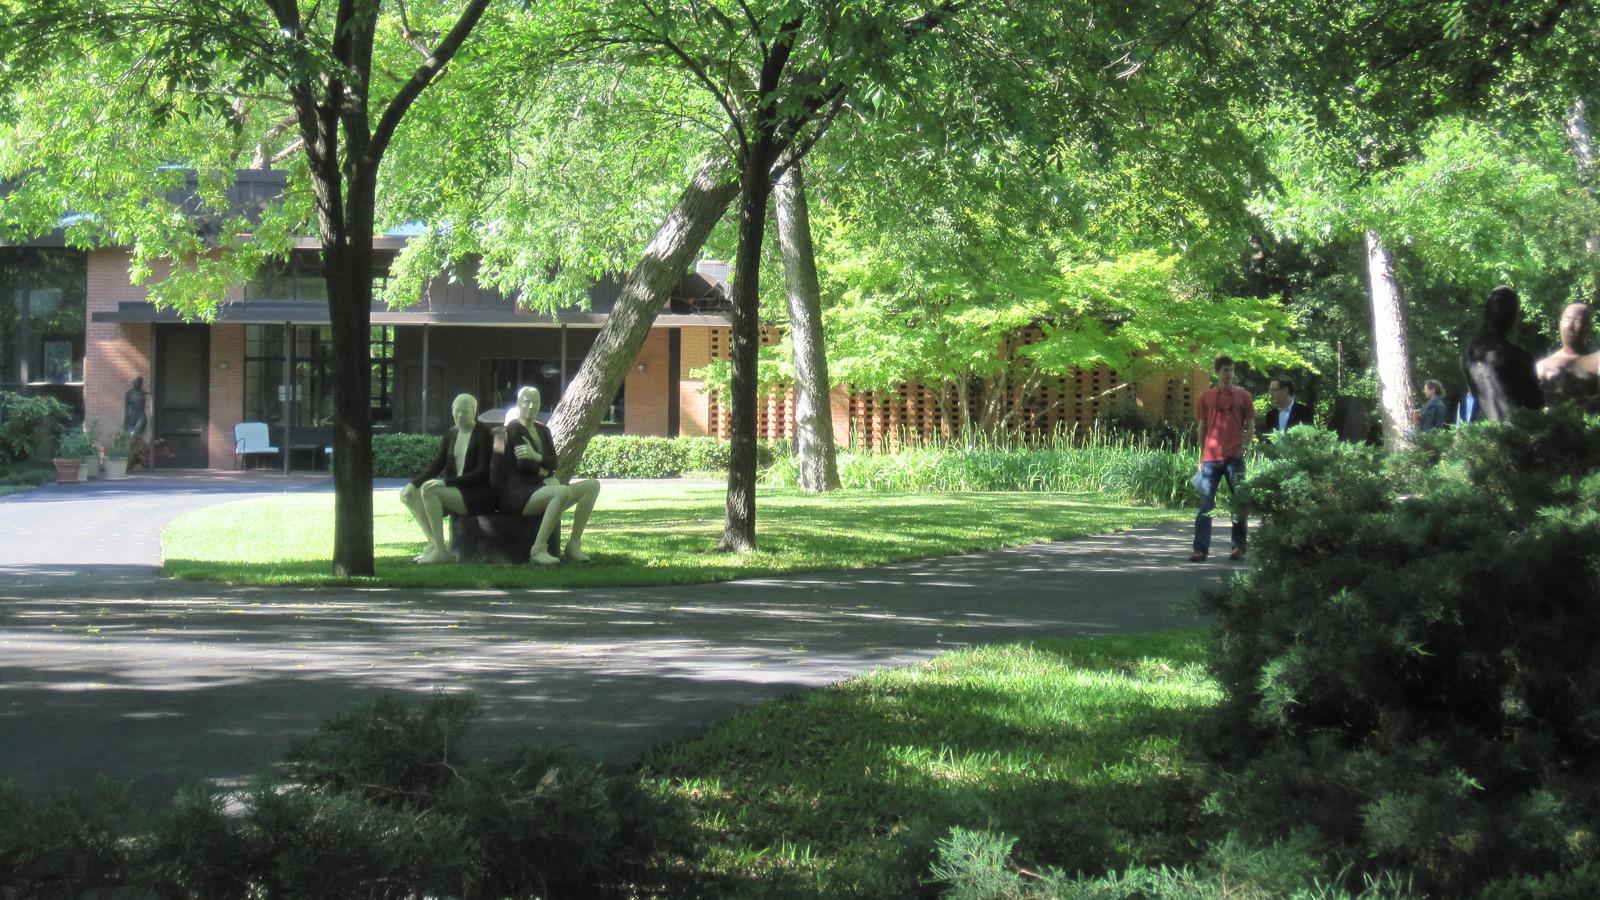 TX_Dallas_ValleyHouseSculptureGarden_signature_CharlesBirnbaum_2010_02.jpg